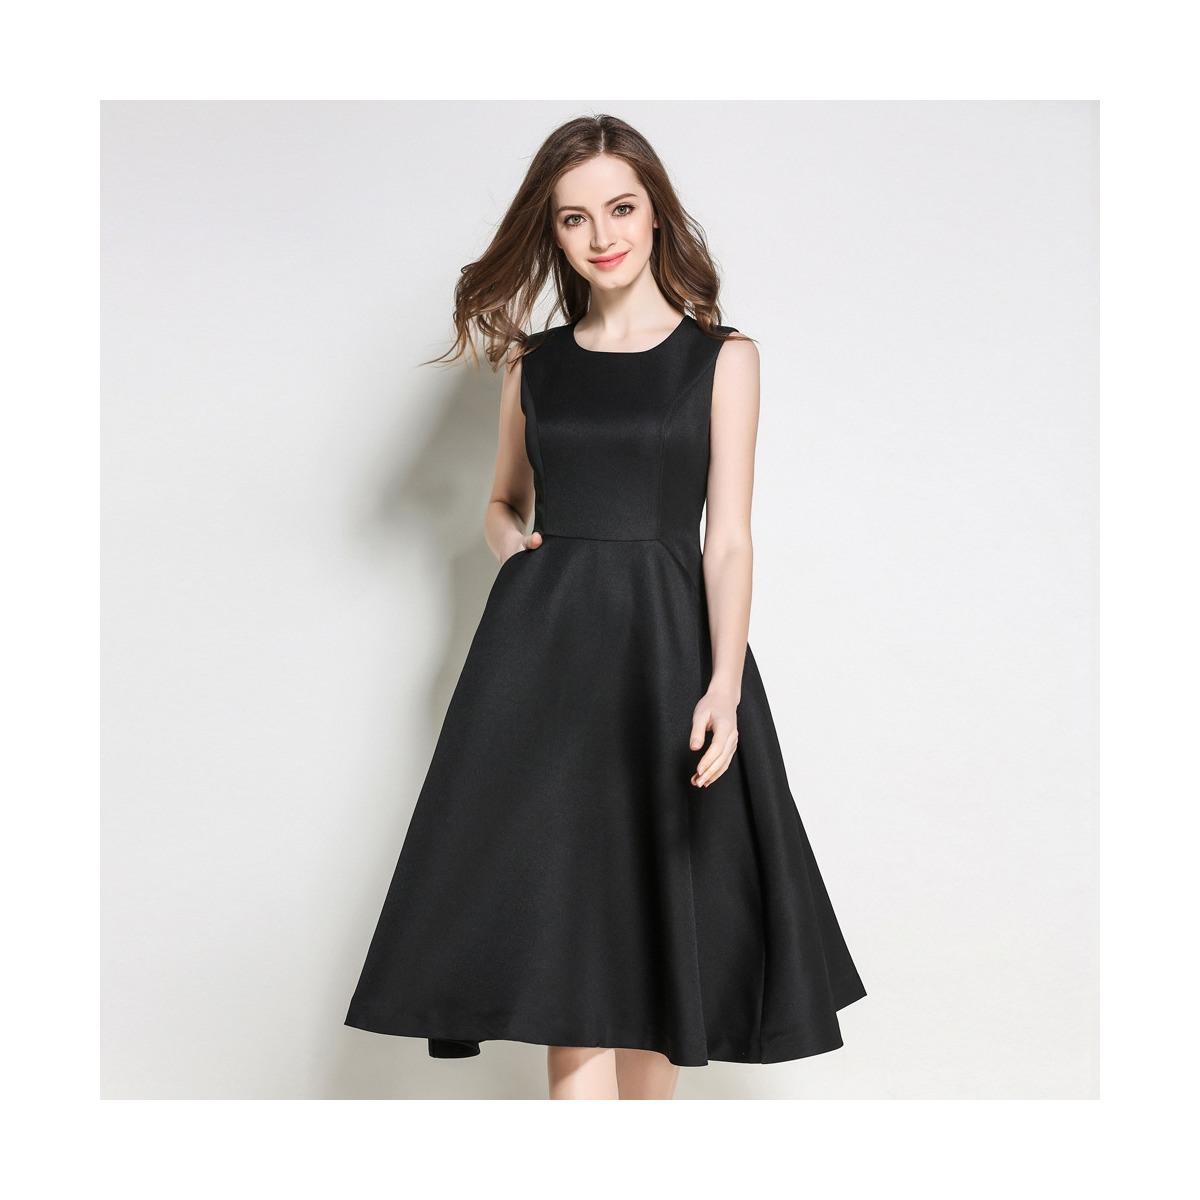 Abend Einfach Schwarzes Ärmelloses Kleid Bester Preis17 Einfach Schwarzes Ärmelloses Kleid Boutique